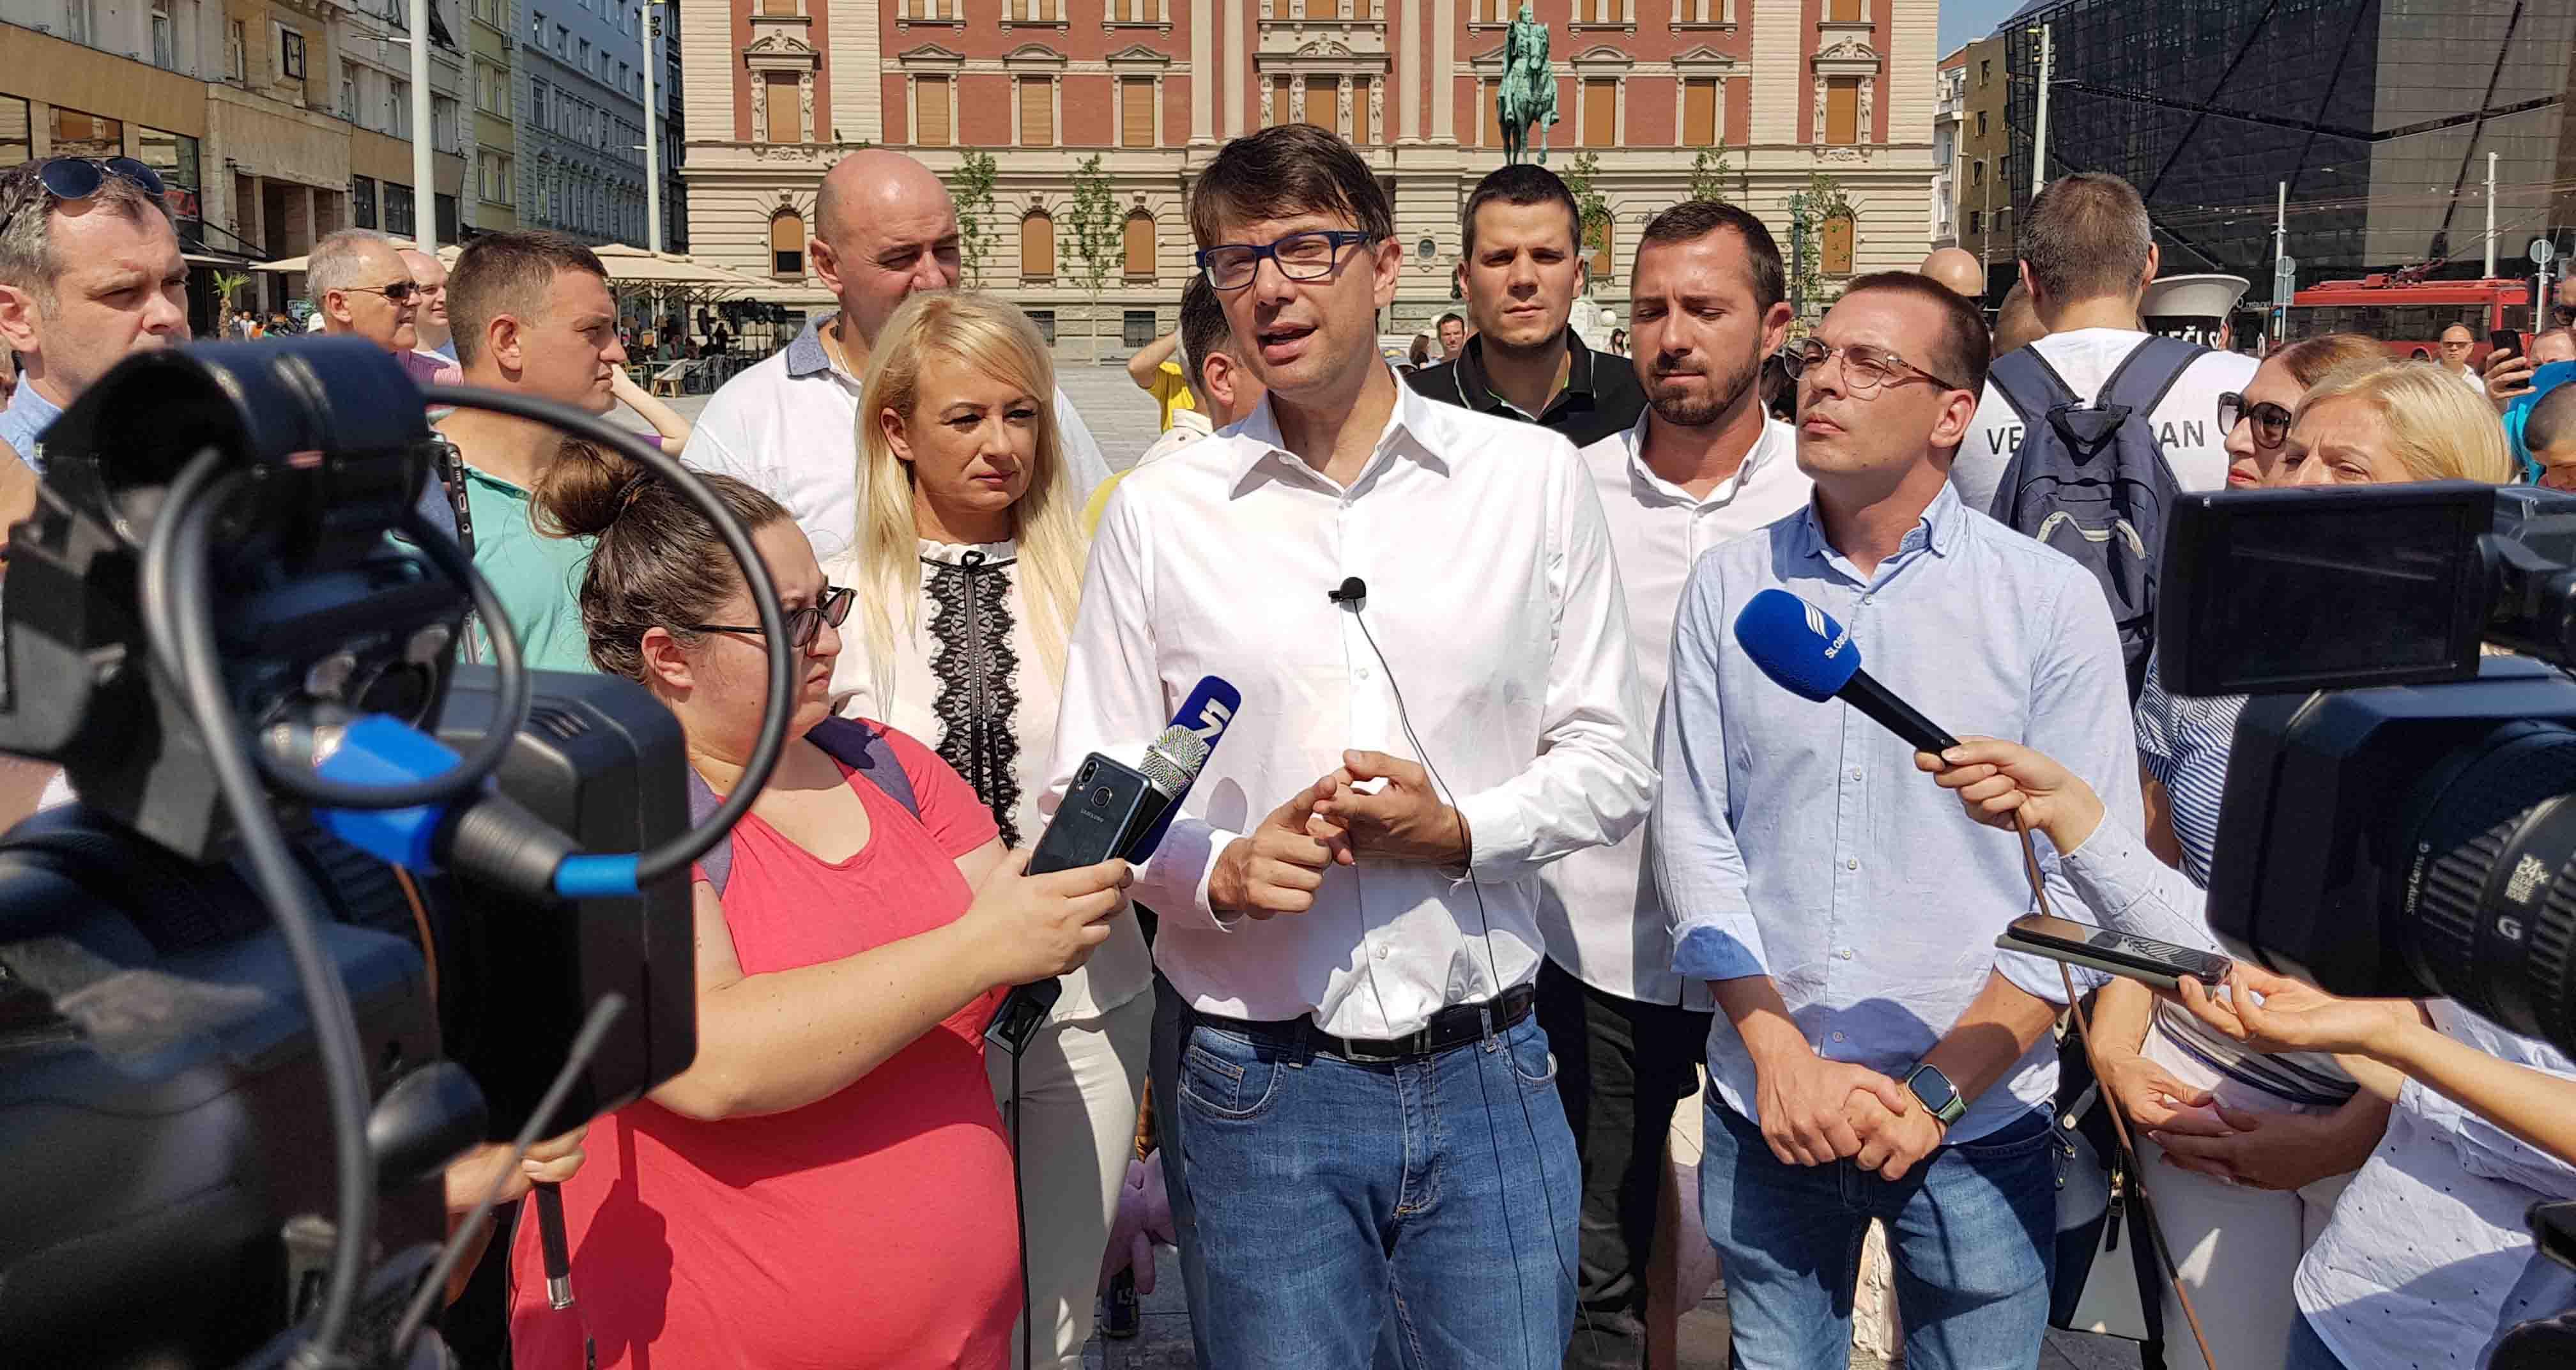 Јовановић: Реконструкцијом Трга Републике није решен ниједан проблем, мораће поново да се раскопава